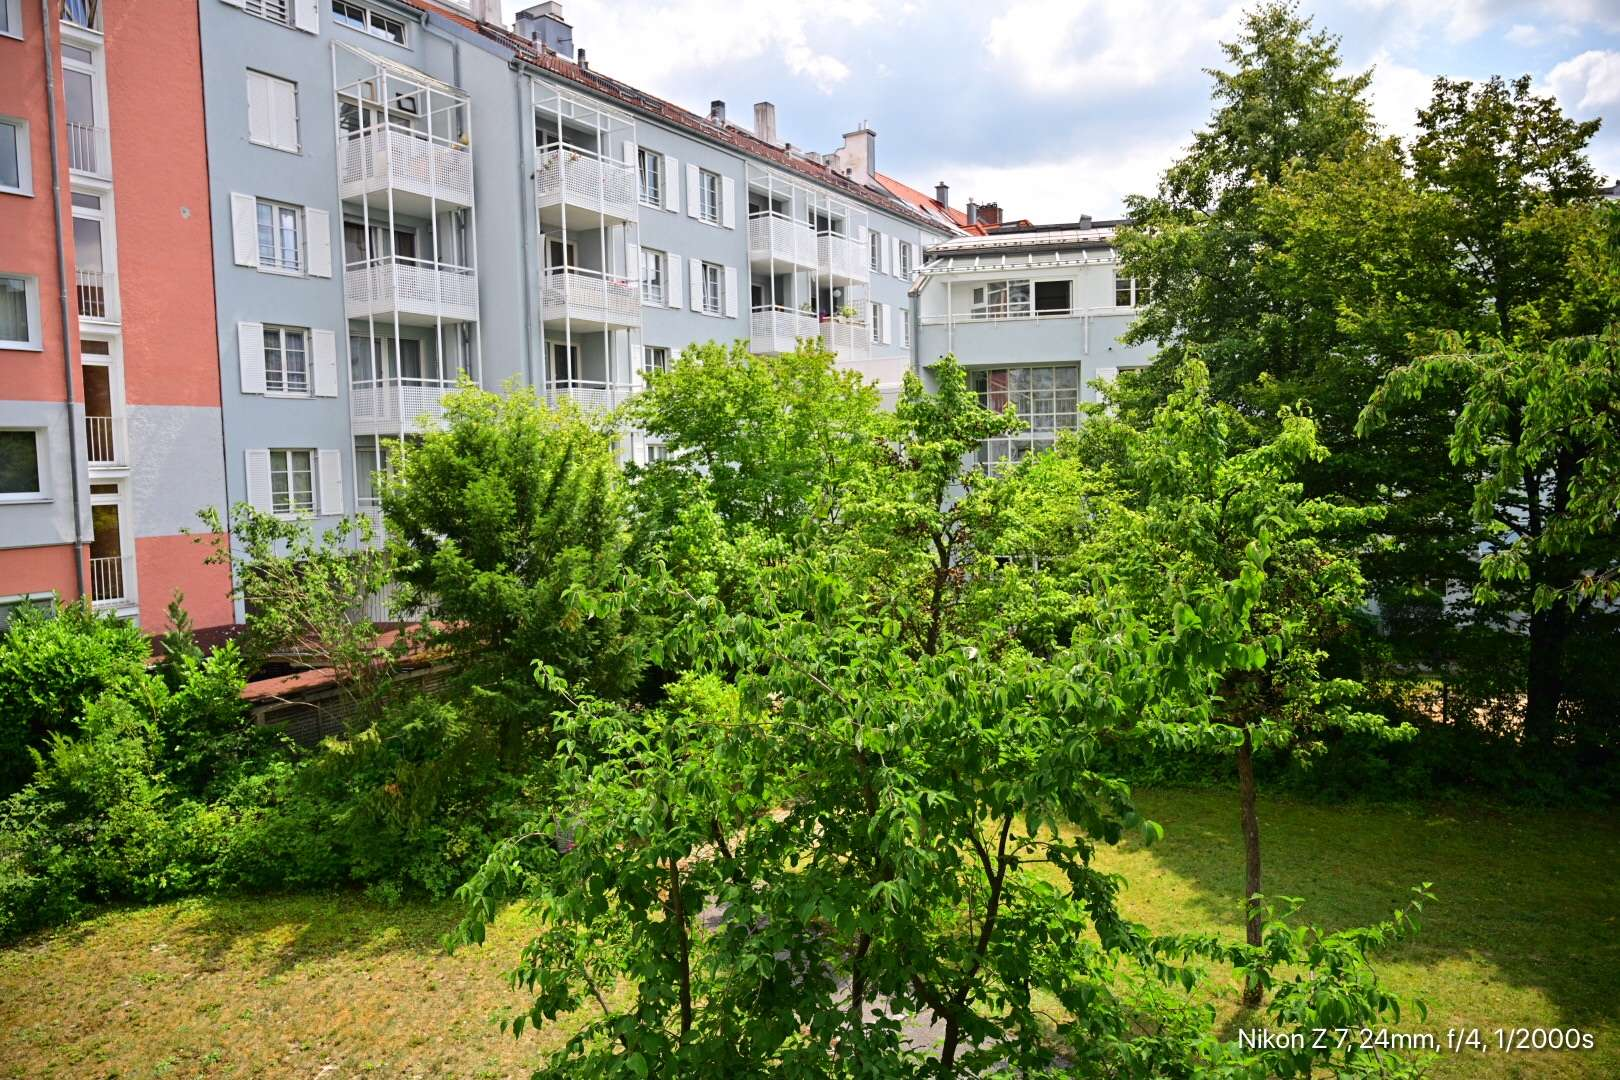 Möbliertes, ruhig geleges Apartment im Brudermühlviertel, frisch renoviert, vollständig ausgestattet in Sendling (München)